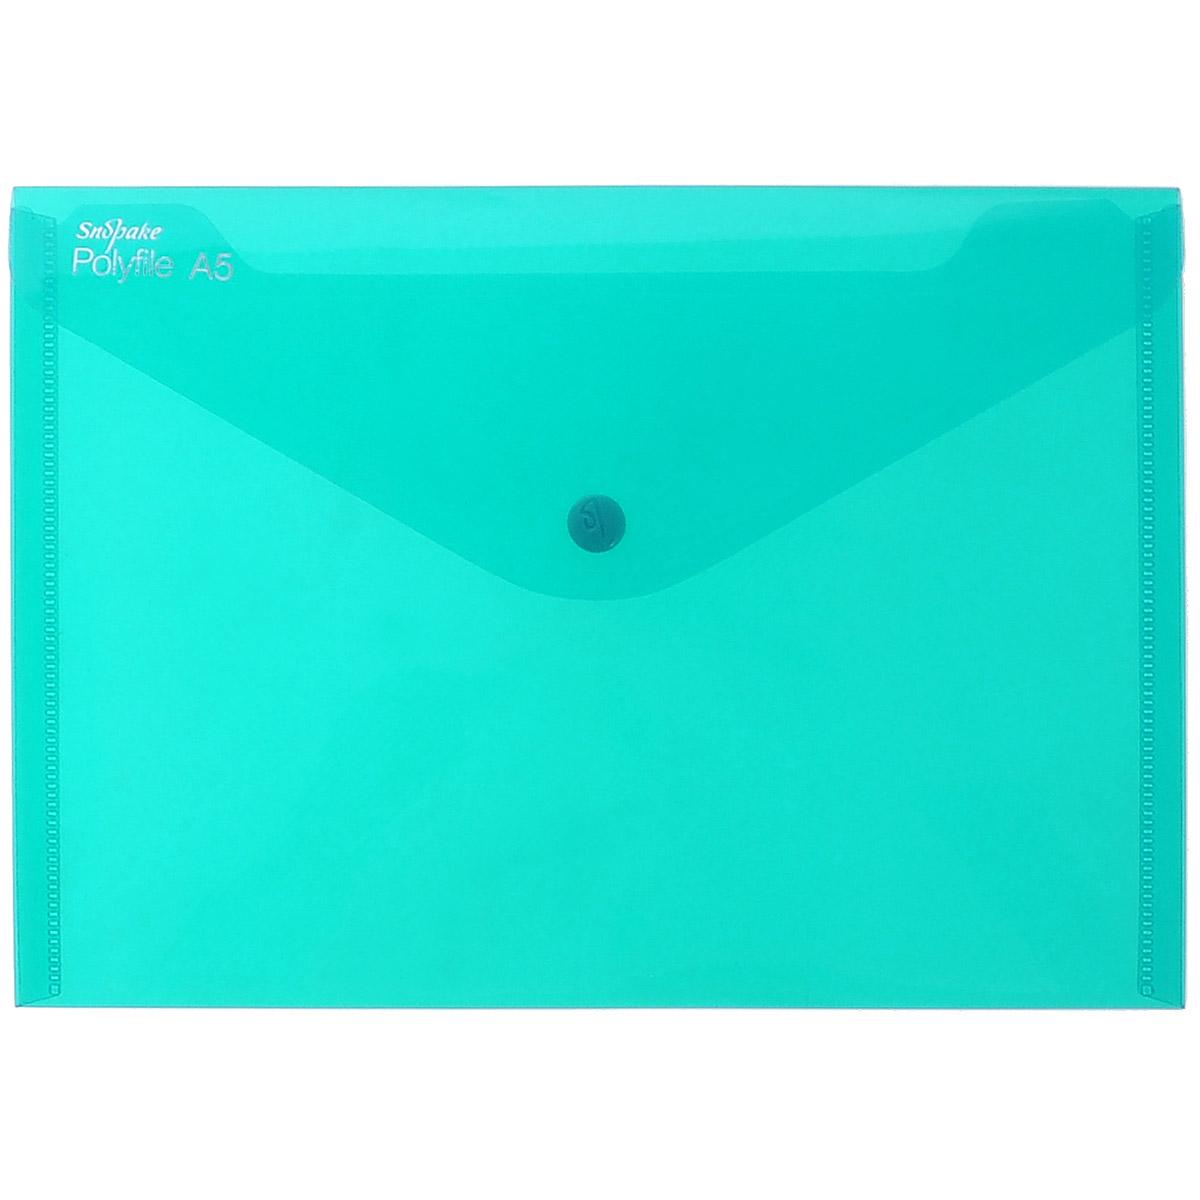 Snopake Папка-конверт на кнопке Polyfile: Electra, цвет: зеленый. Формат А5K11355_зеленыйПапка-конверт Snopake Polyfile: Electra - удобный и функциональный офисный инструмент, предназначенный для хранения и транспортировки рабочих бумаг и документов. Папка изготовлена из износостойкого полупрозрачного полипропилена зеленого цвета, закрывается на клапан с кнопкой. Она имеет специальную вырубку, облегчающую изъятие документов. Папка оформлена тиснением в виде параллельной штриховки. Папка-конверт - это незаменимый атрибут для студента, школьника, офисного работника. Такая папка надежно сохранит ваши документы и сбережет их от повреждений, пыли и влаги. Папка сочетает в себе неизменно высокое качество Snopake и классический дизайн.